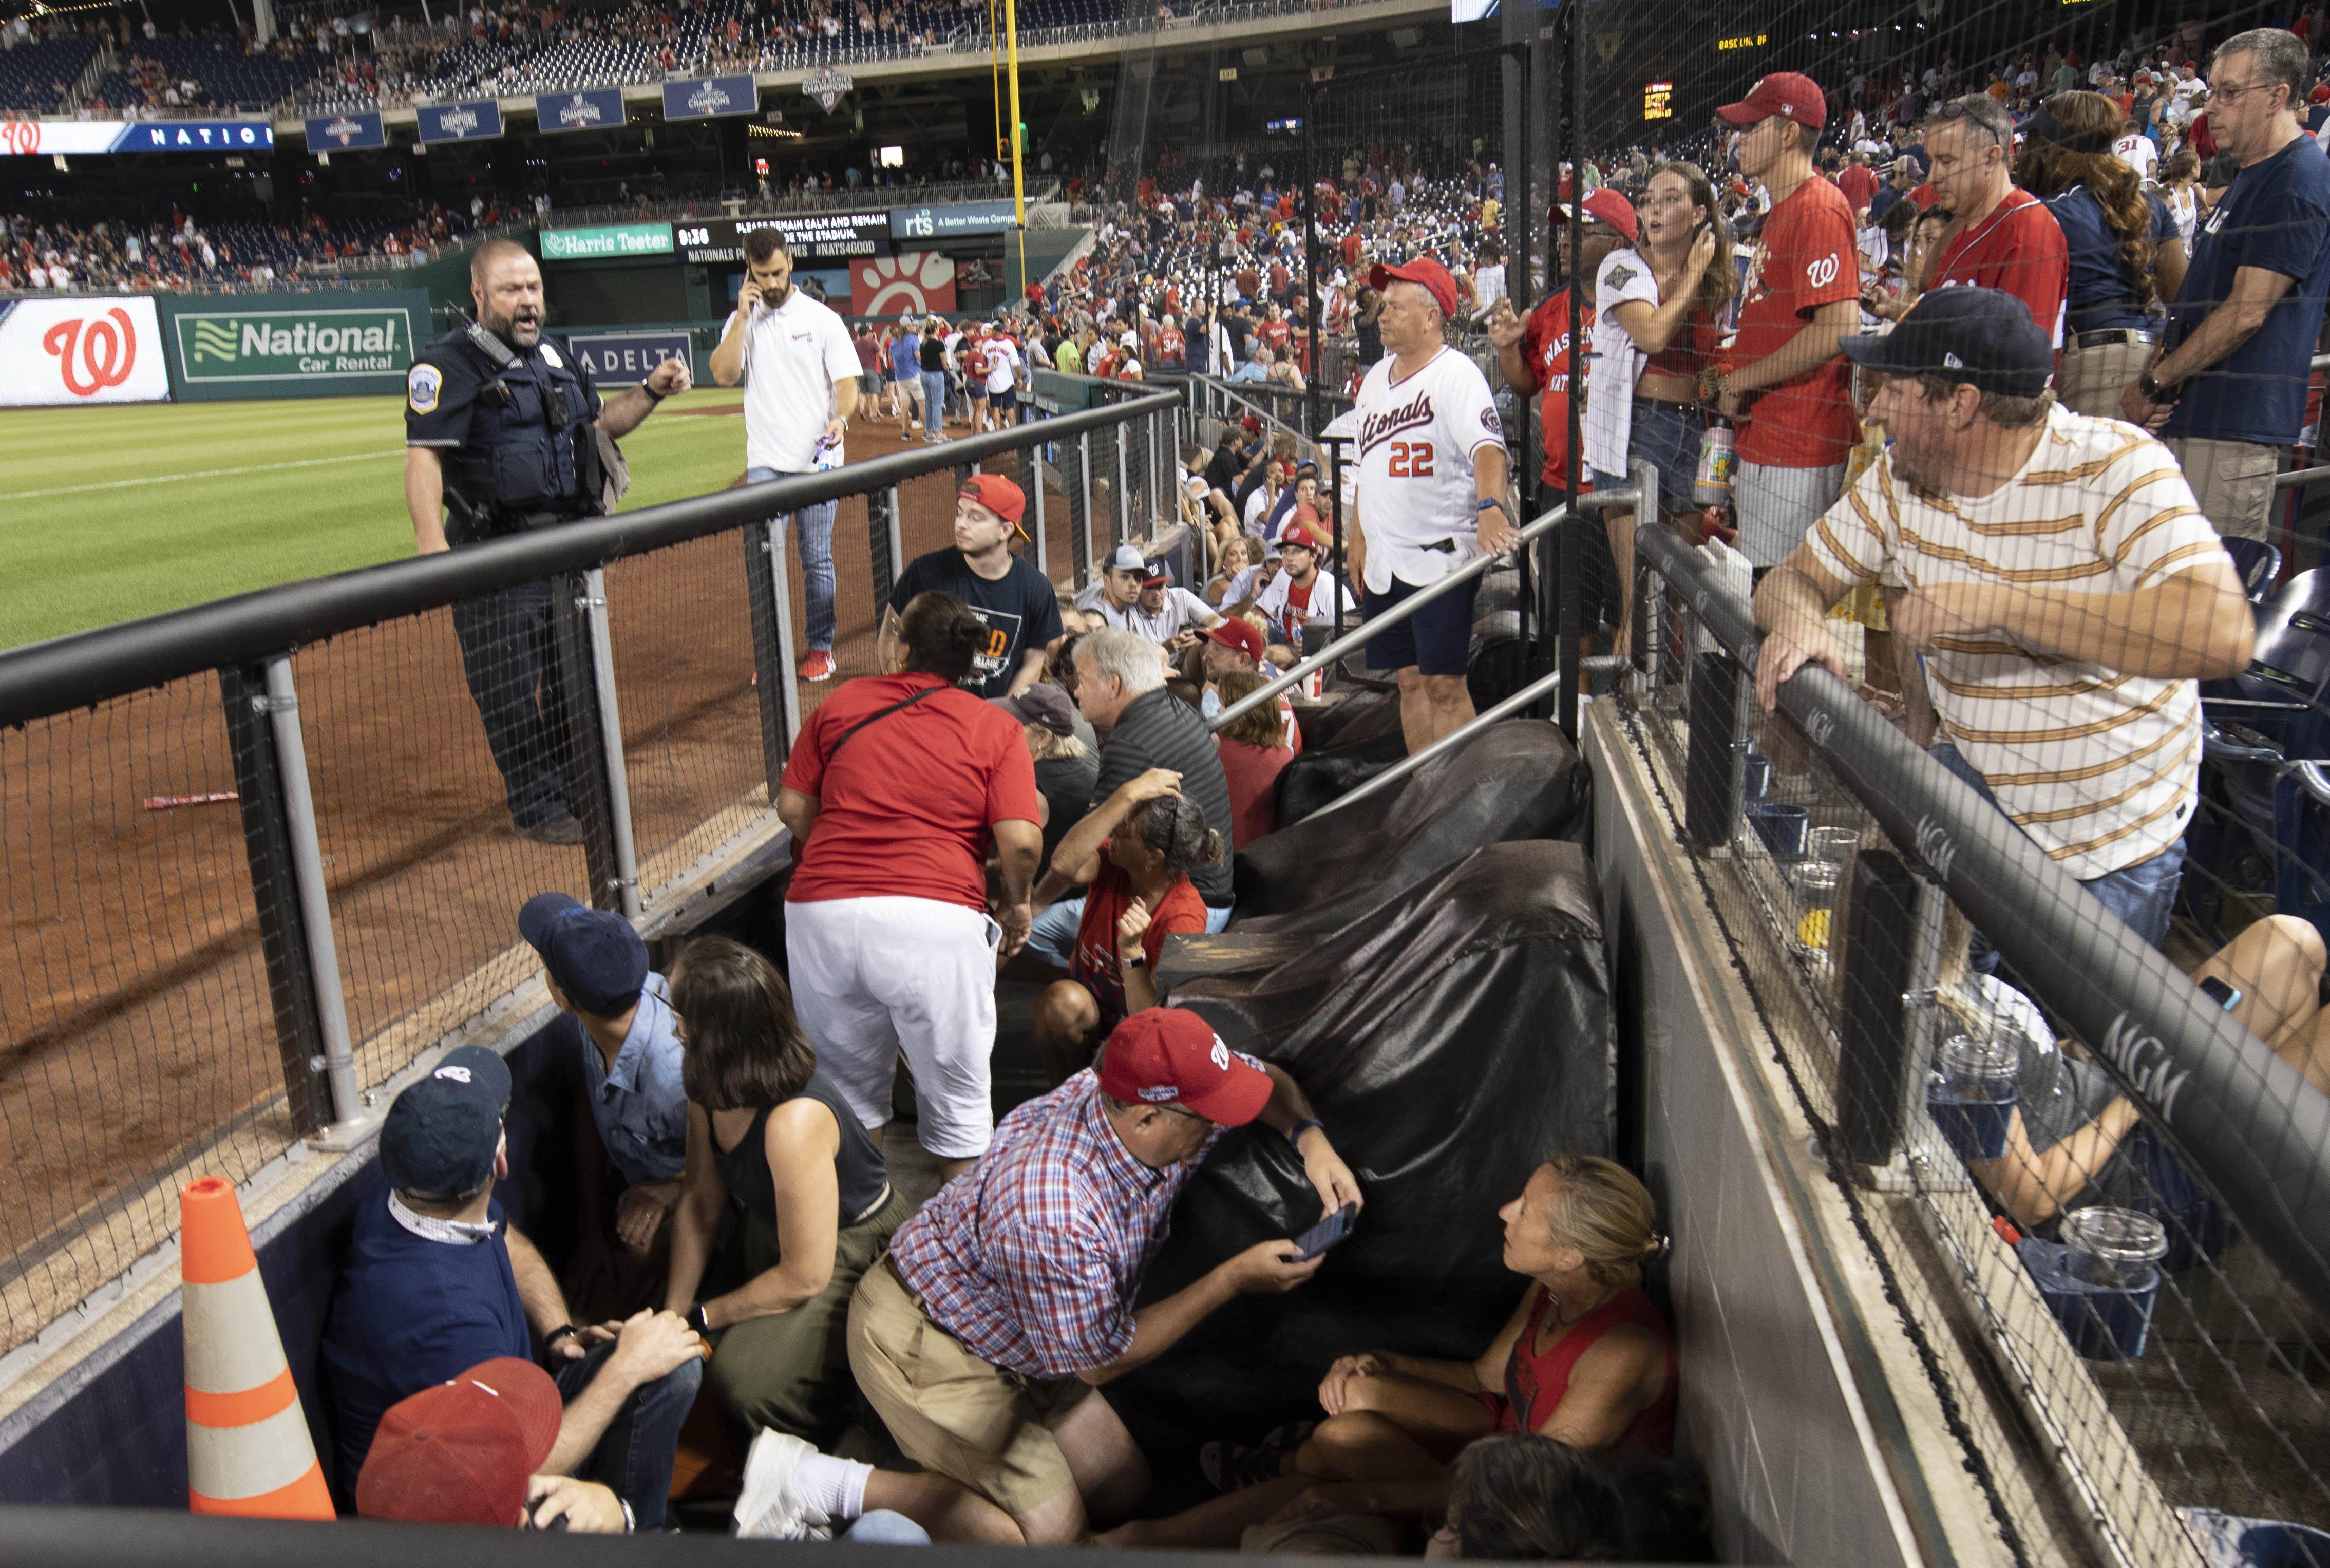 Nationals fans flee for safety after gunfire erupts outside park